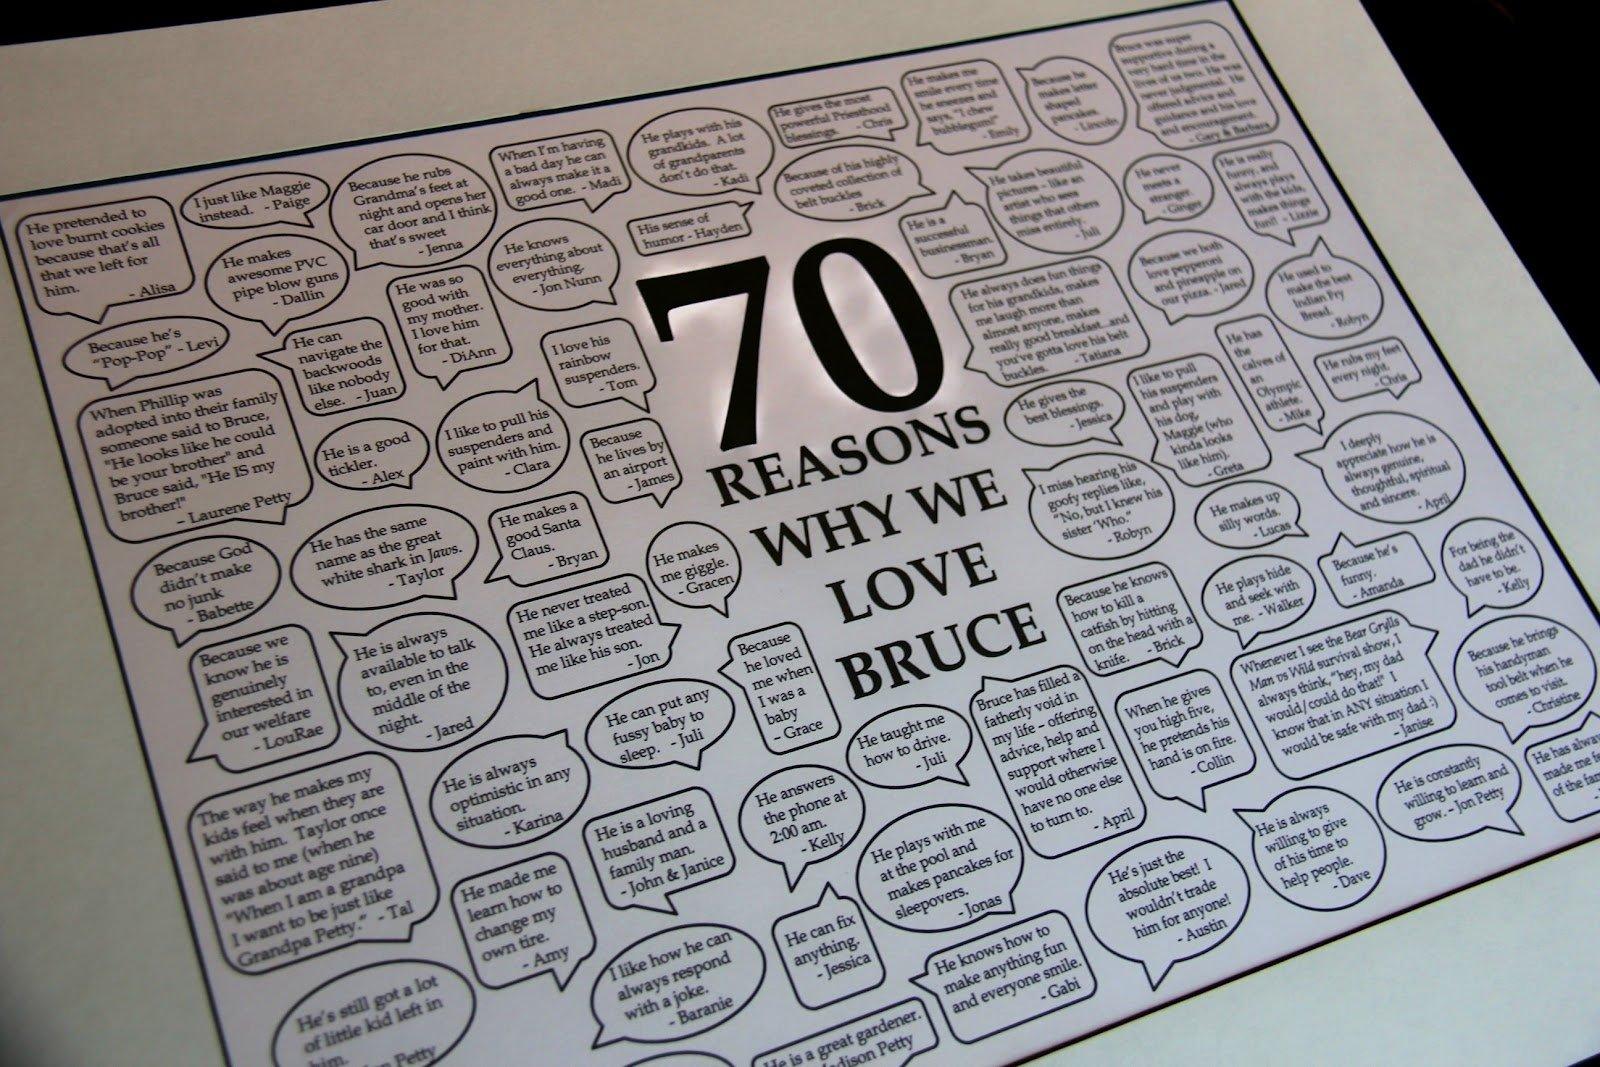 10 Elegant 70Th Birthday Ideas For Mom 70th birthday gift ideas liviroom decors 70th birthday ideas for mom 2021